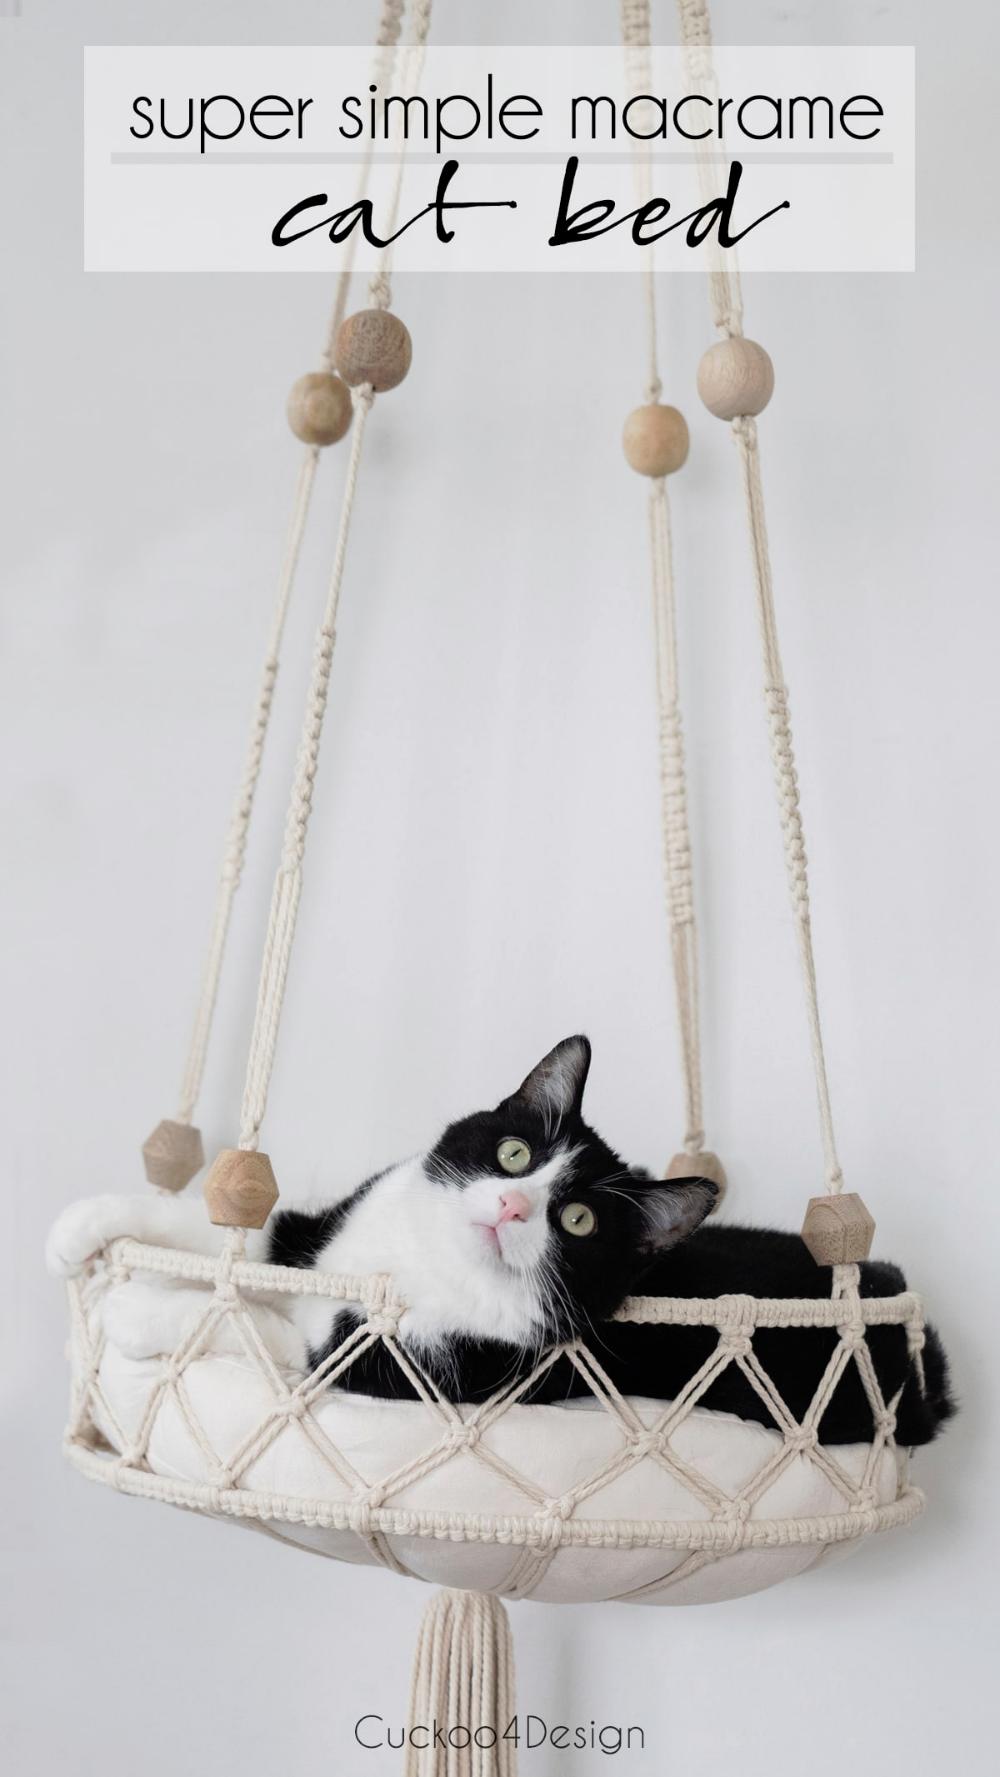 cute DIY cat bed using macrame cord